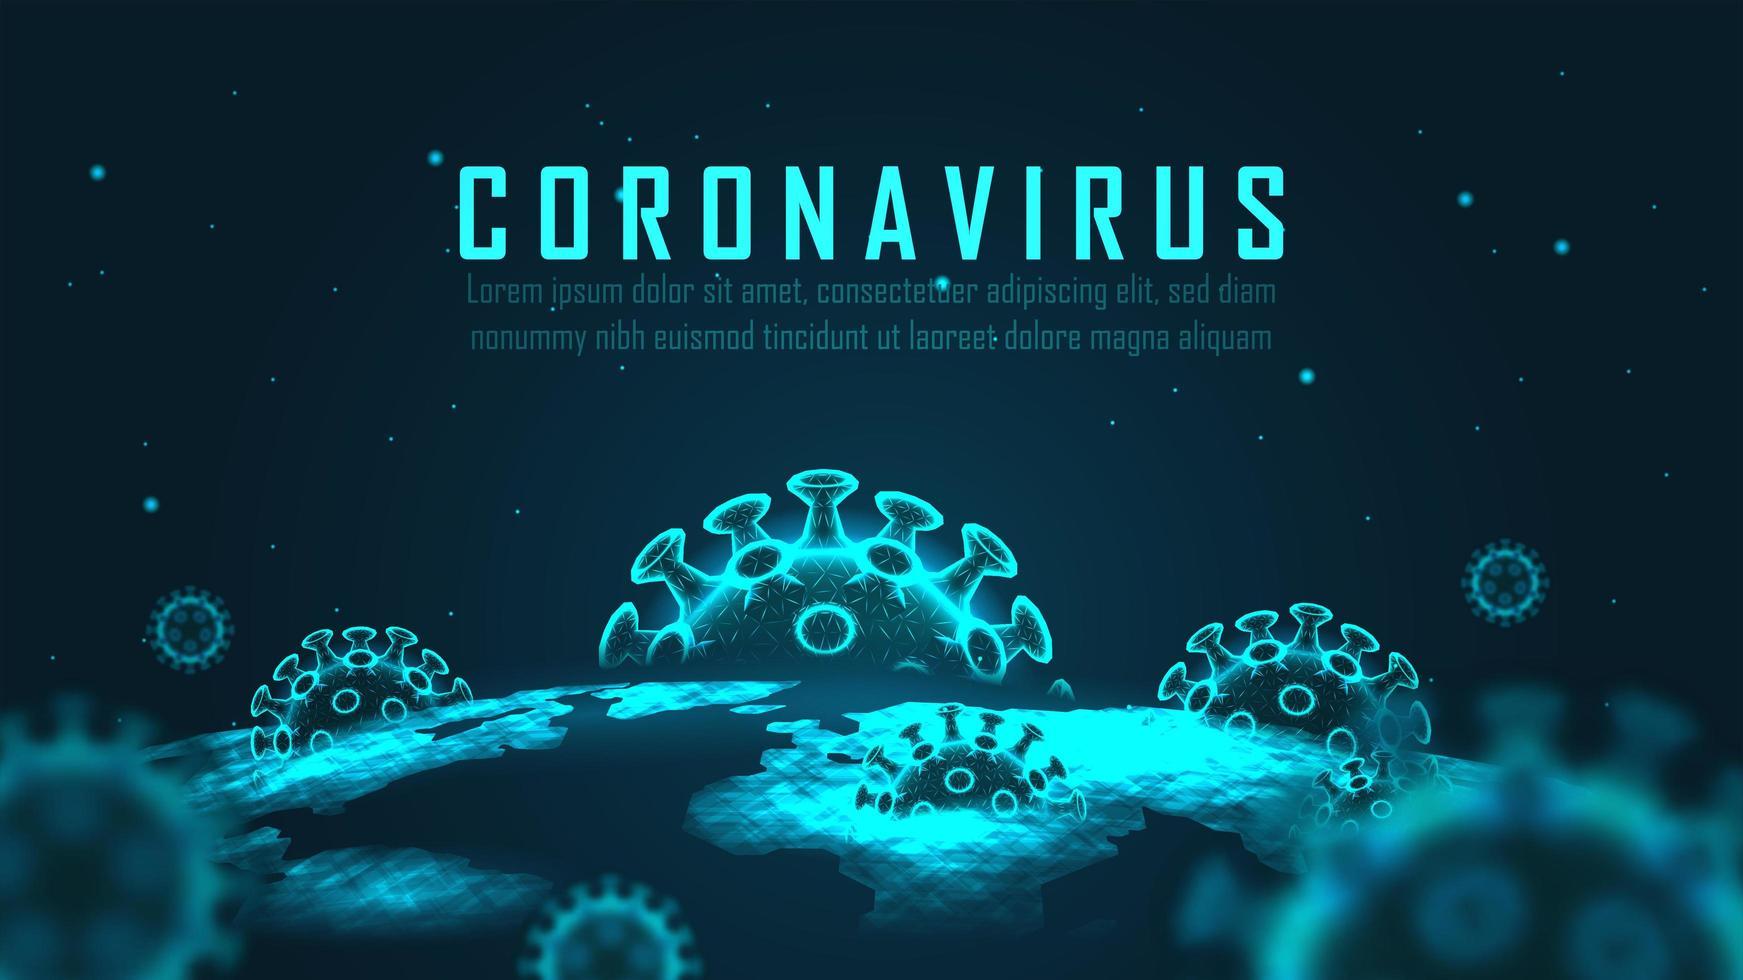 Design des globalen Pandemie-Ausbruchs des Virus vektor